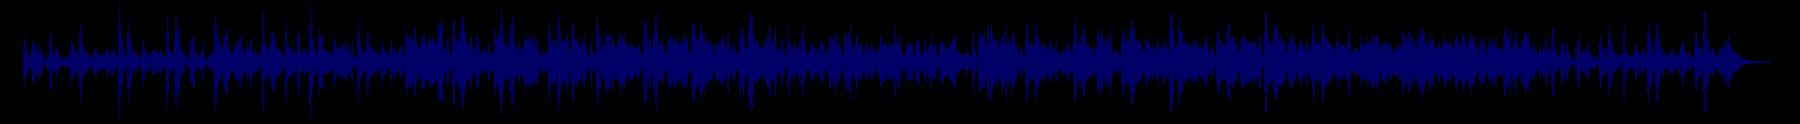 waveform of track #71808